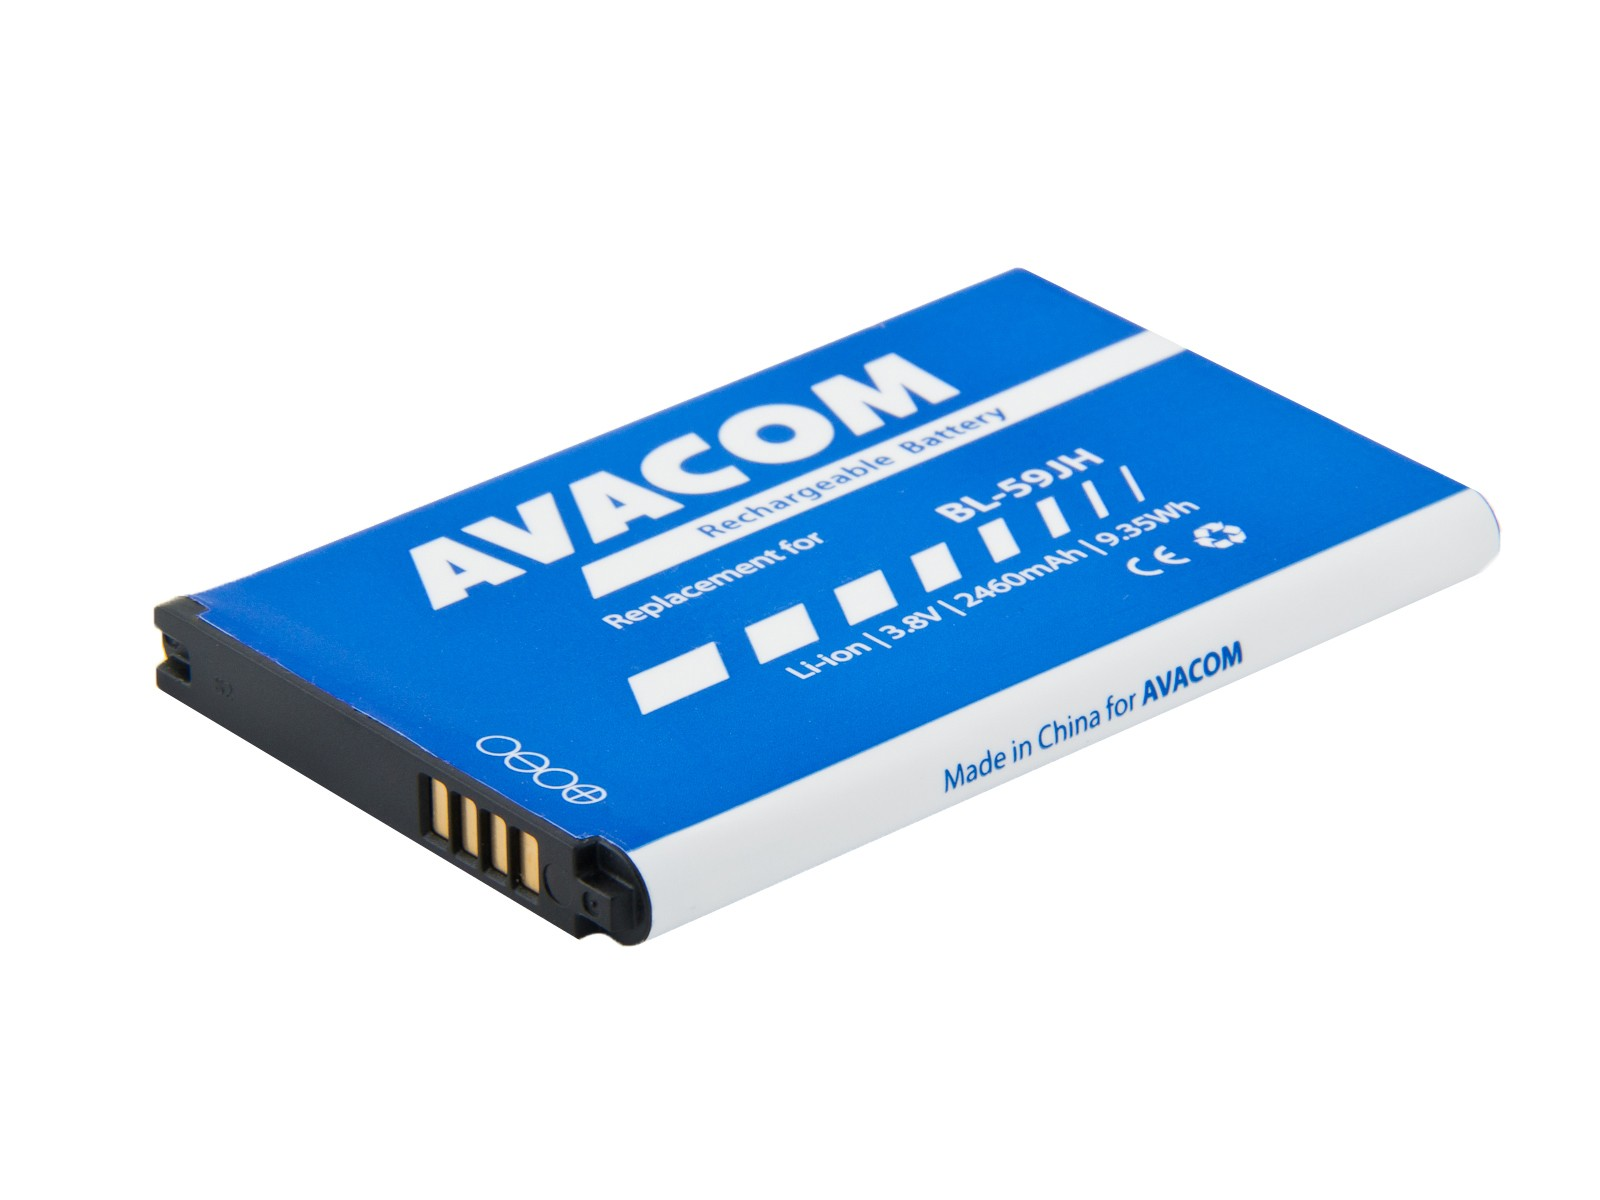 Baterie AVACOM GSLG-P710-2460 do mobilu LG Optimus L7 II Li-Ion 3,8V 2460mAh, (náhrada BL-59JH)